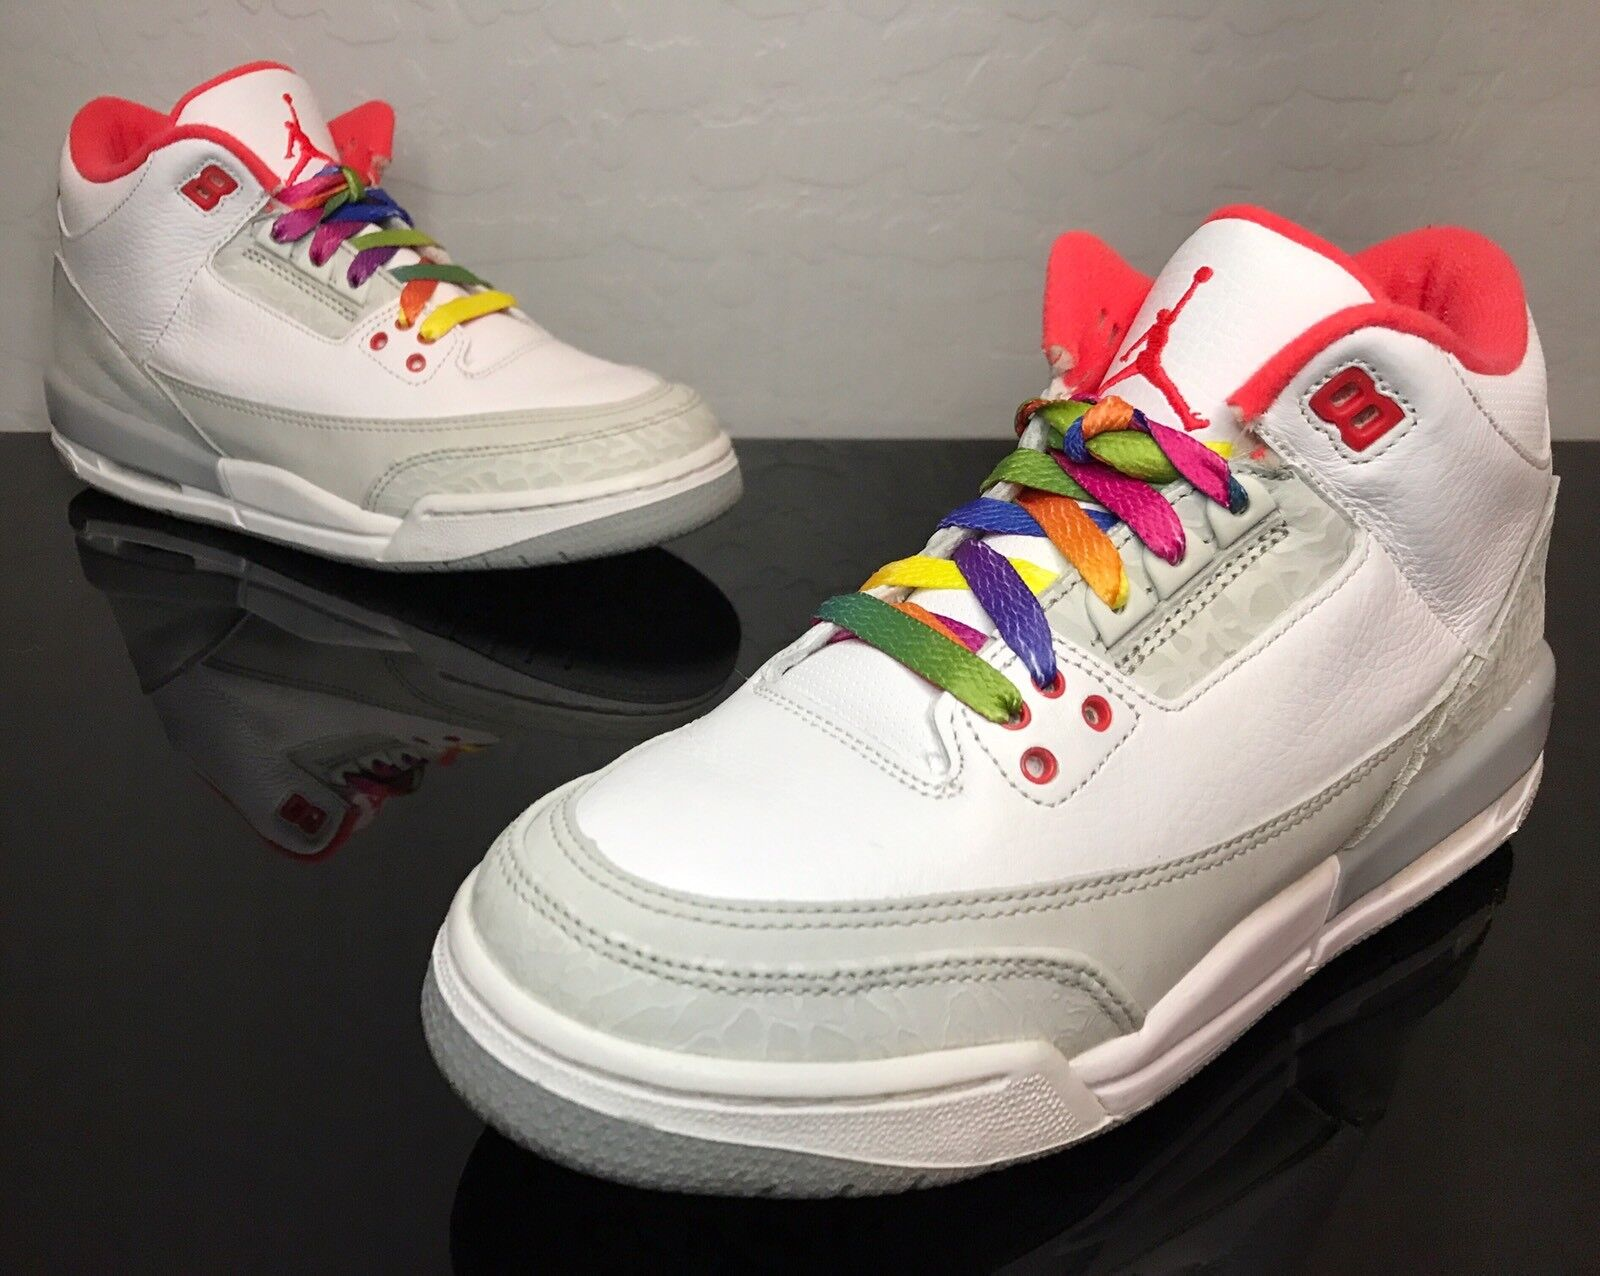 2010 Nike Air Jordan Retro 3 III  Rainbow  Size 6.5Y Size 8W (441140-101) Cement